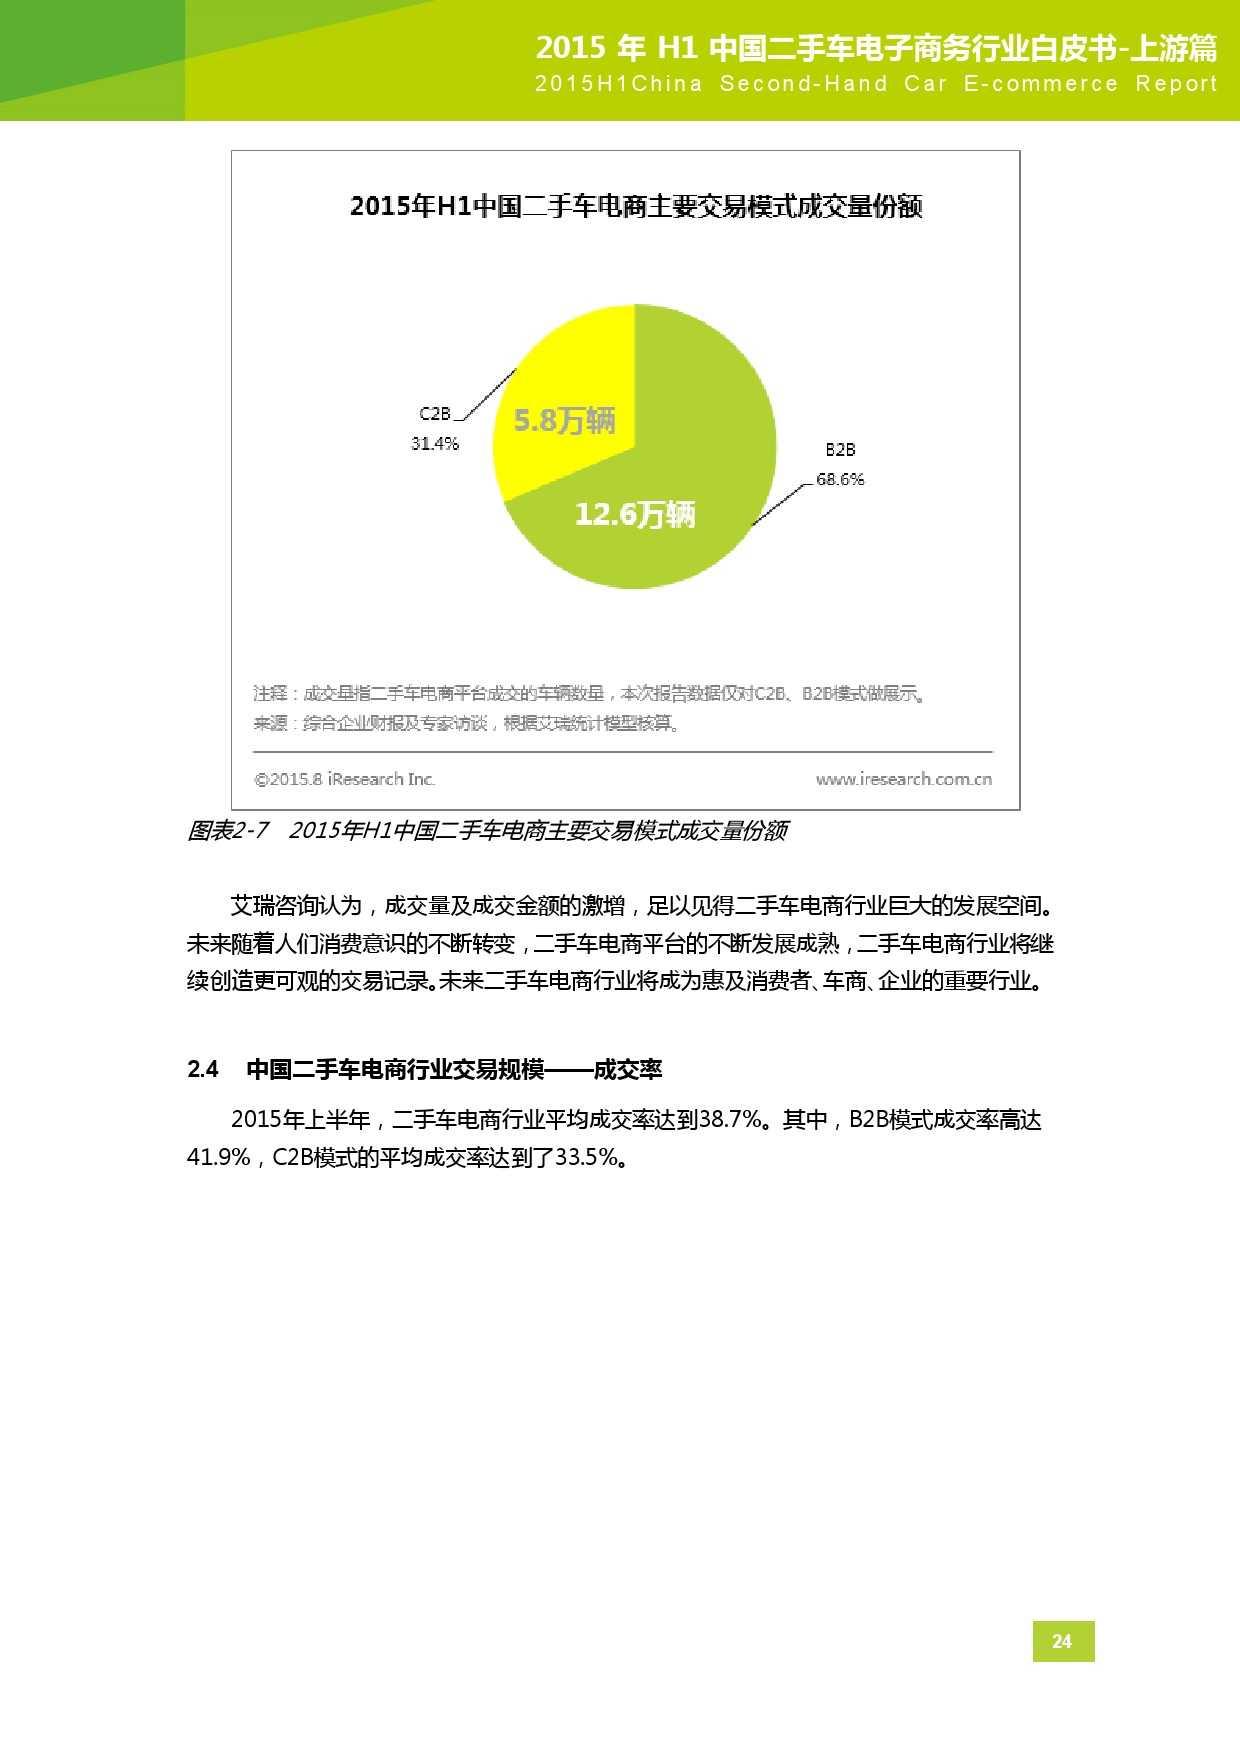 2015年中国二手车电子商务行业白皮书-上游篇_000025